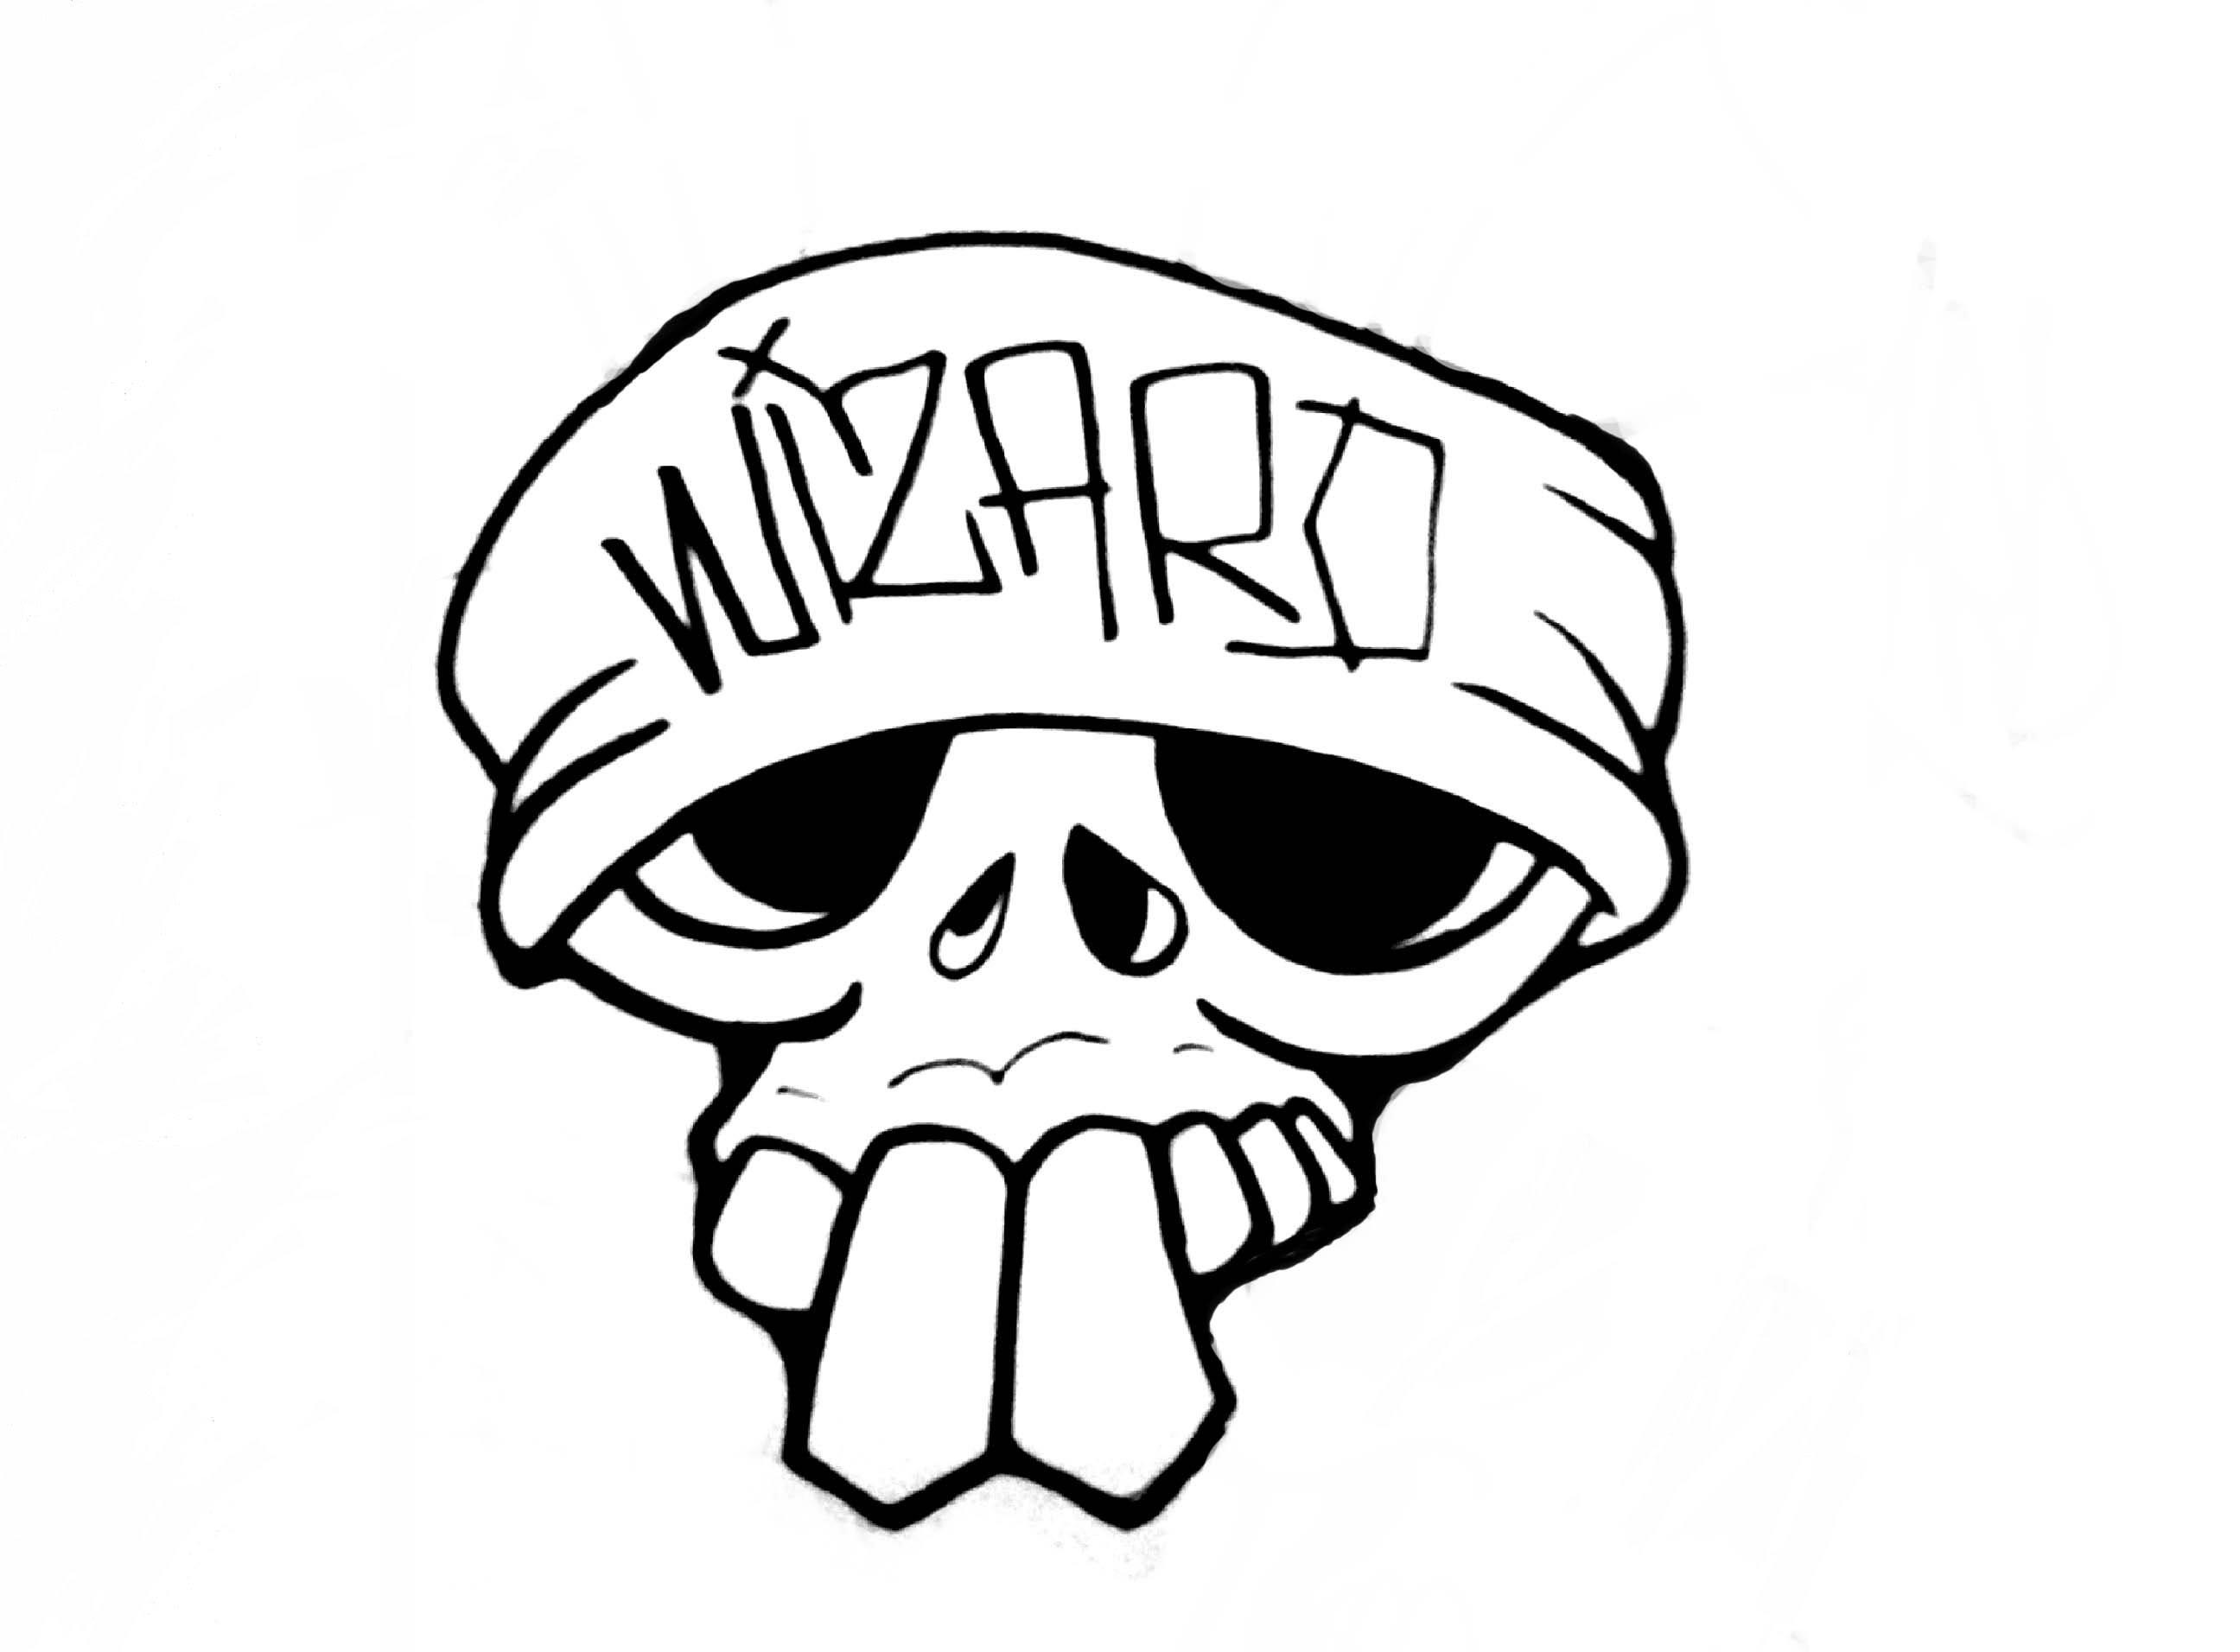 2592x1912 Graffiti Cartoon Skull Draw Learn How To Draw A Skull